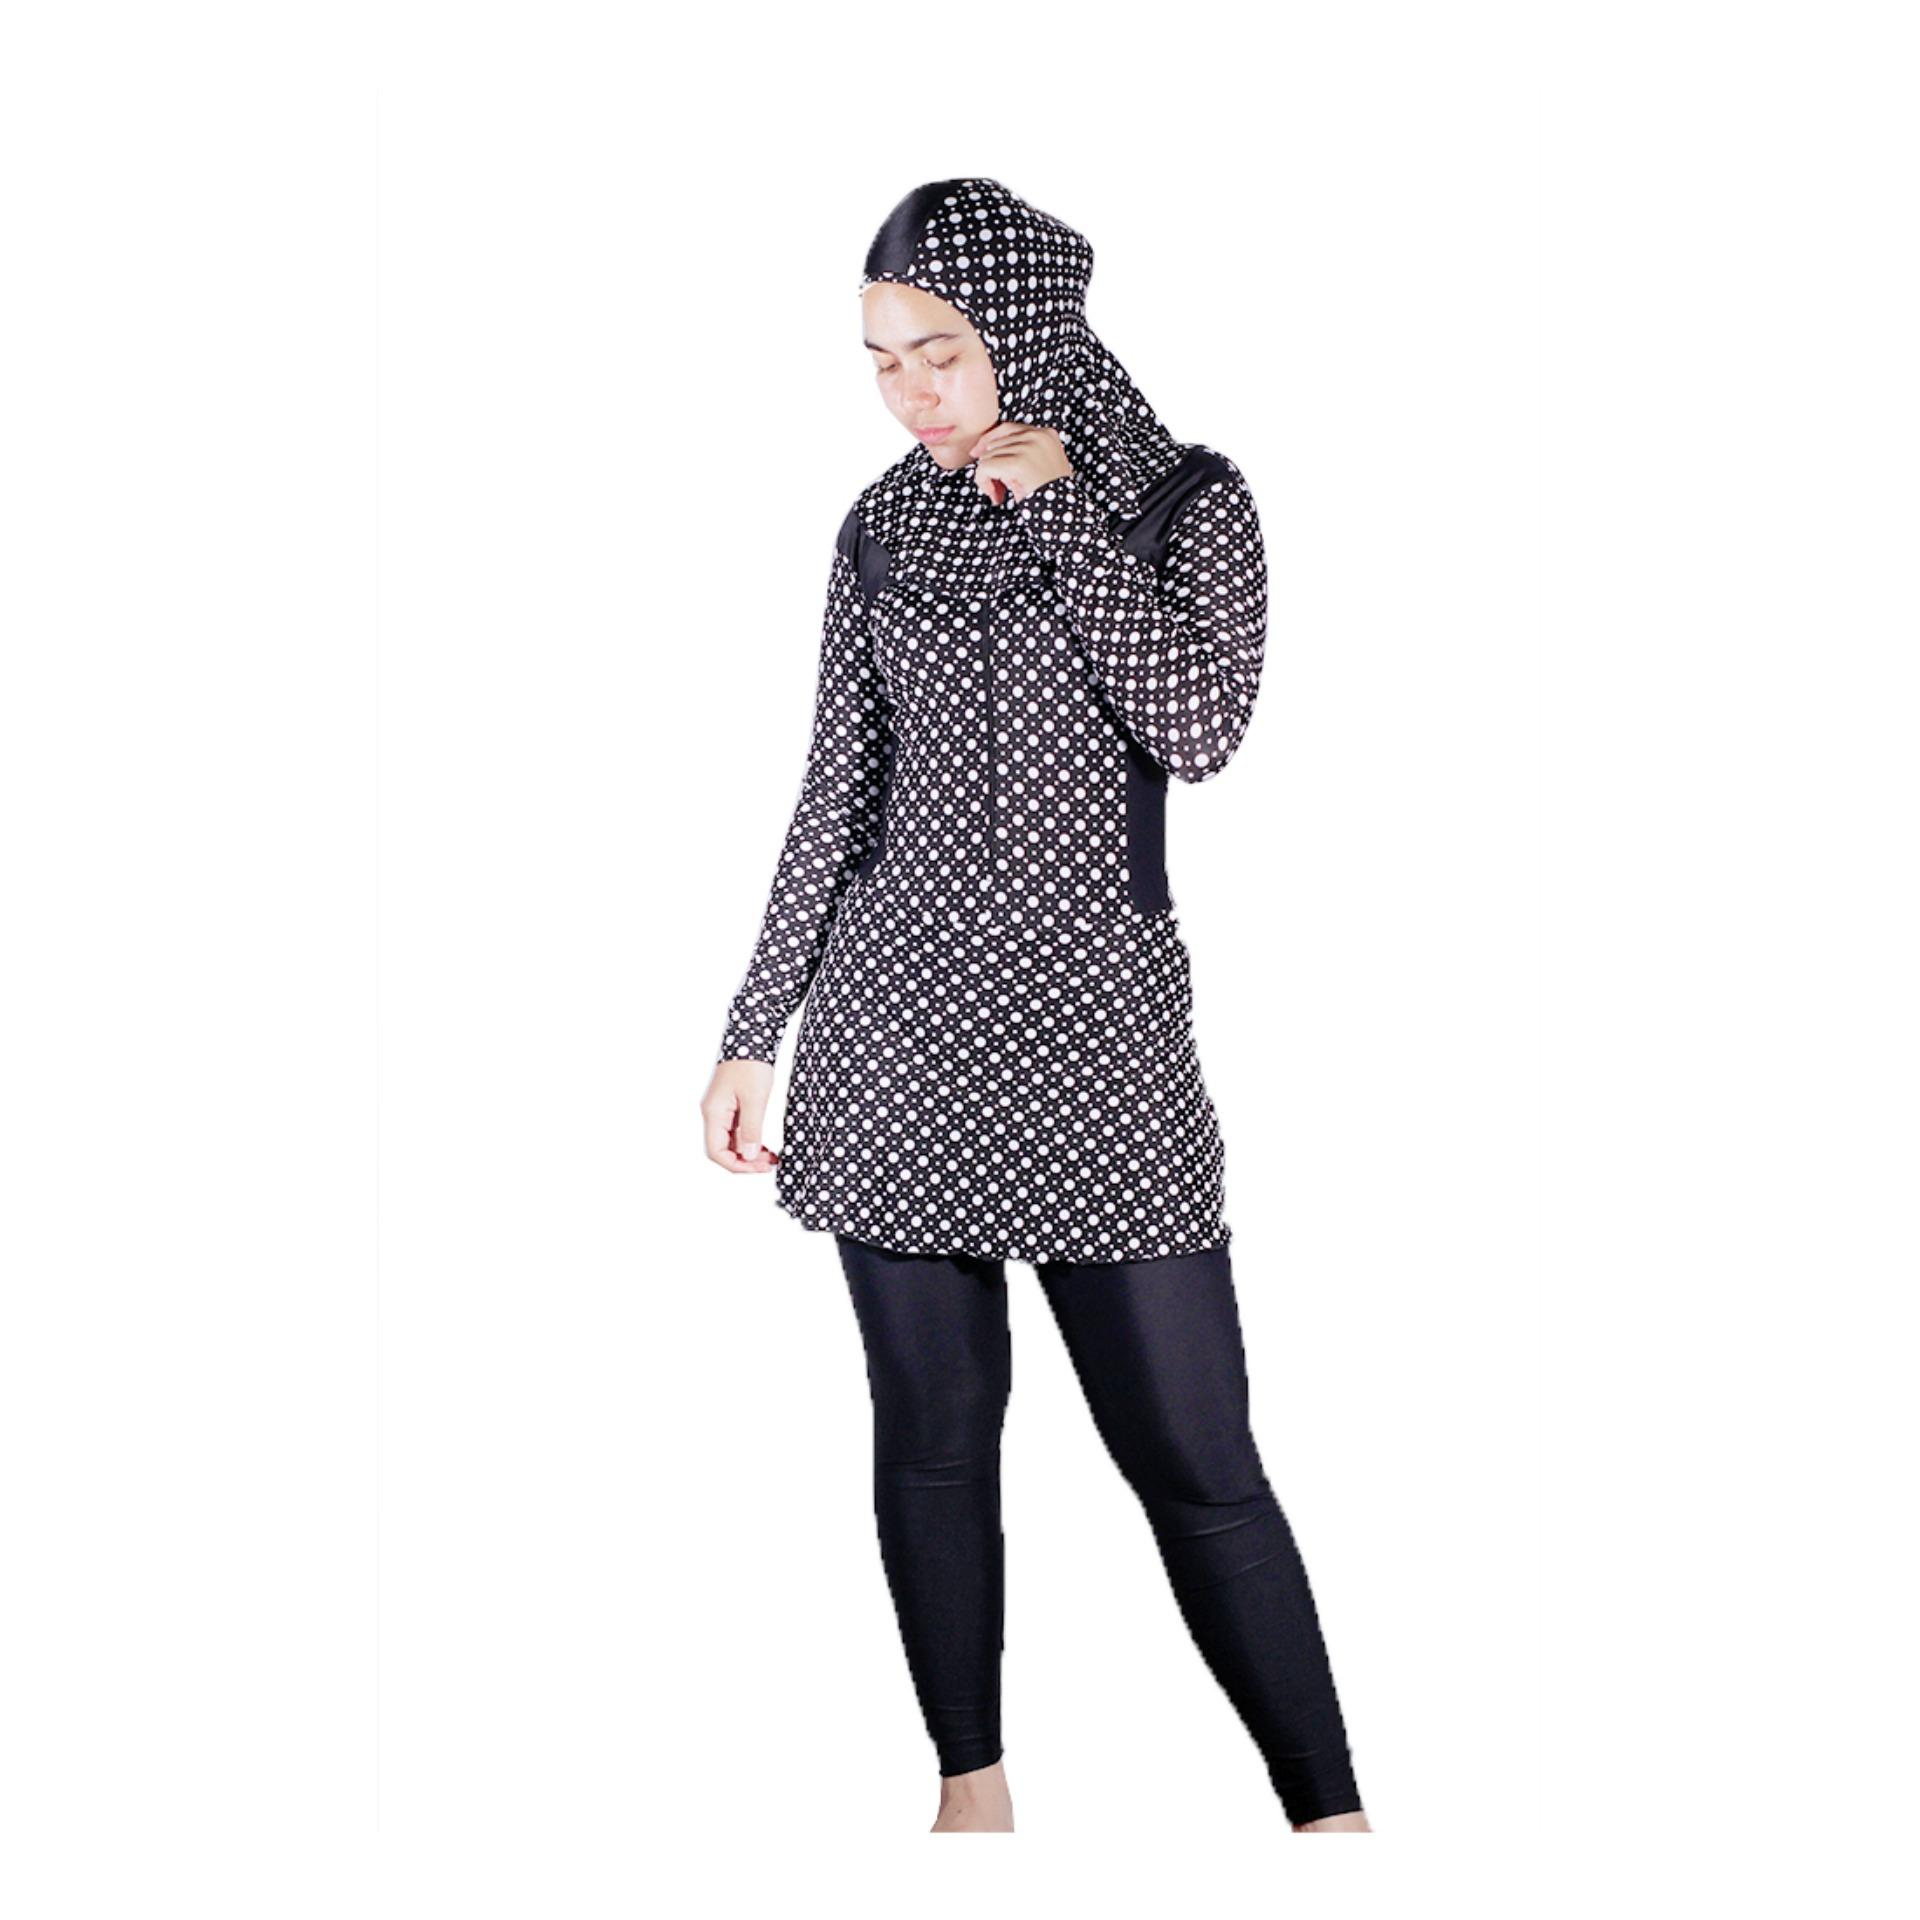 Mall BTM Fashion - Diana Baju Renang Muslim Atasan Dan Bawahan Terpisah Motif Polkadot Harga Murah - Hitam